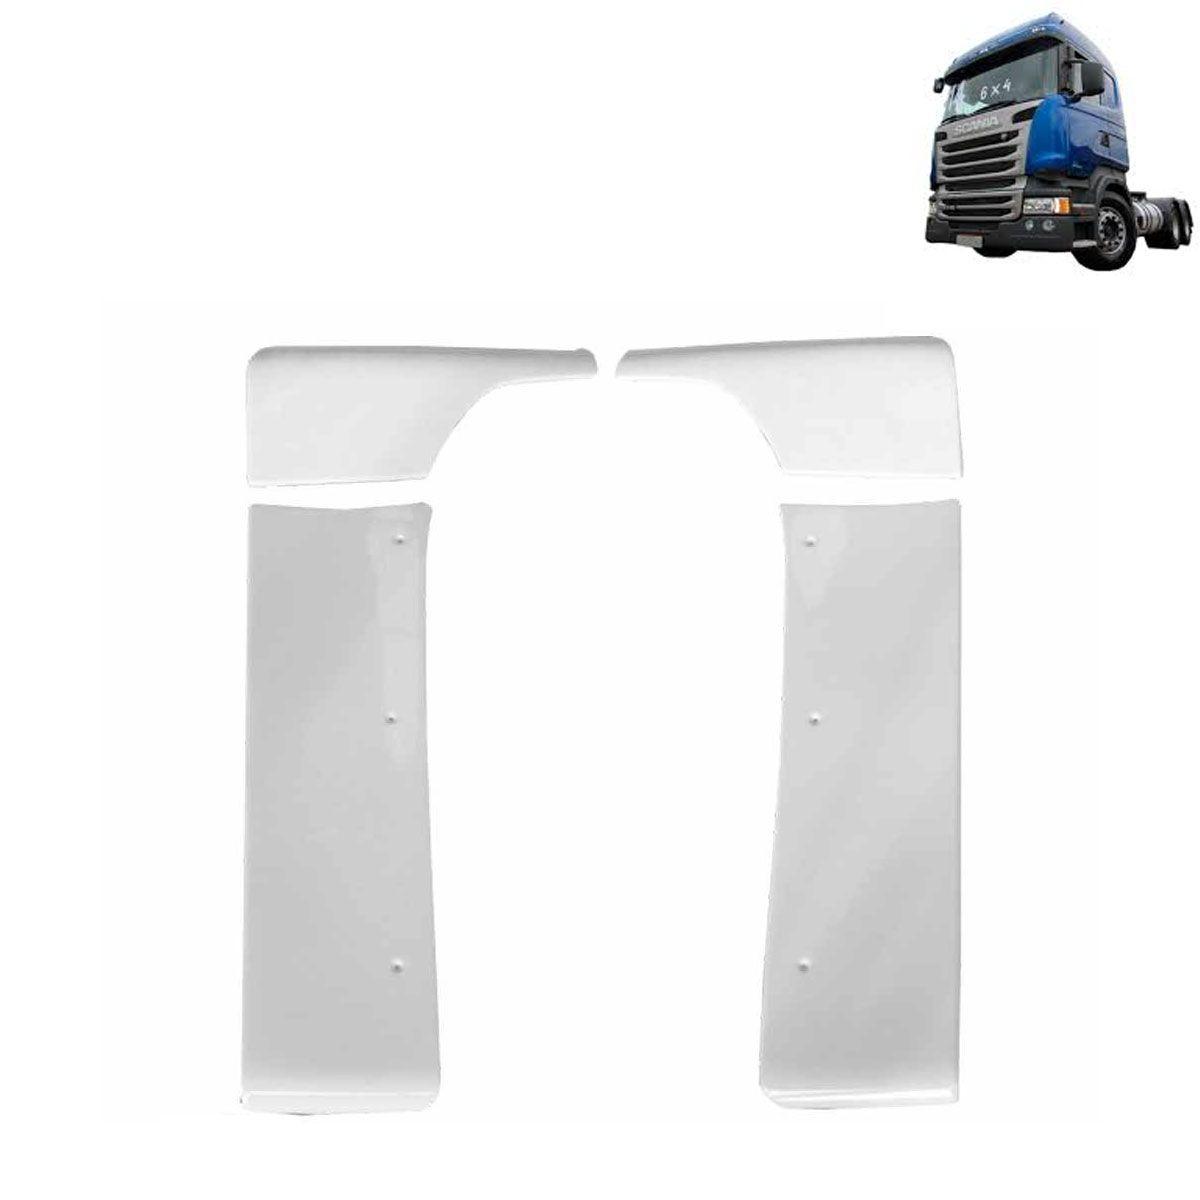 Cegonheiro para Scania S4 | S5 Cabine G | Streamline com Recorte do Filtro